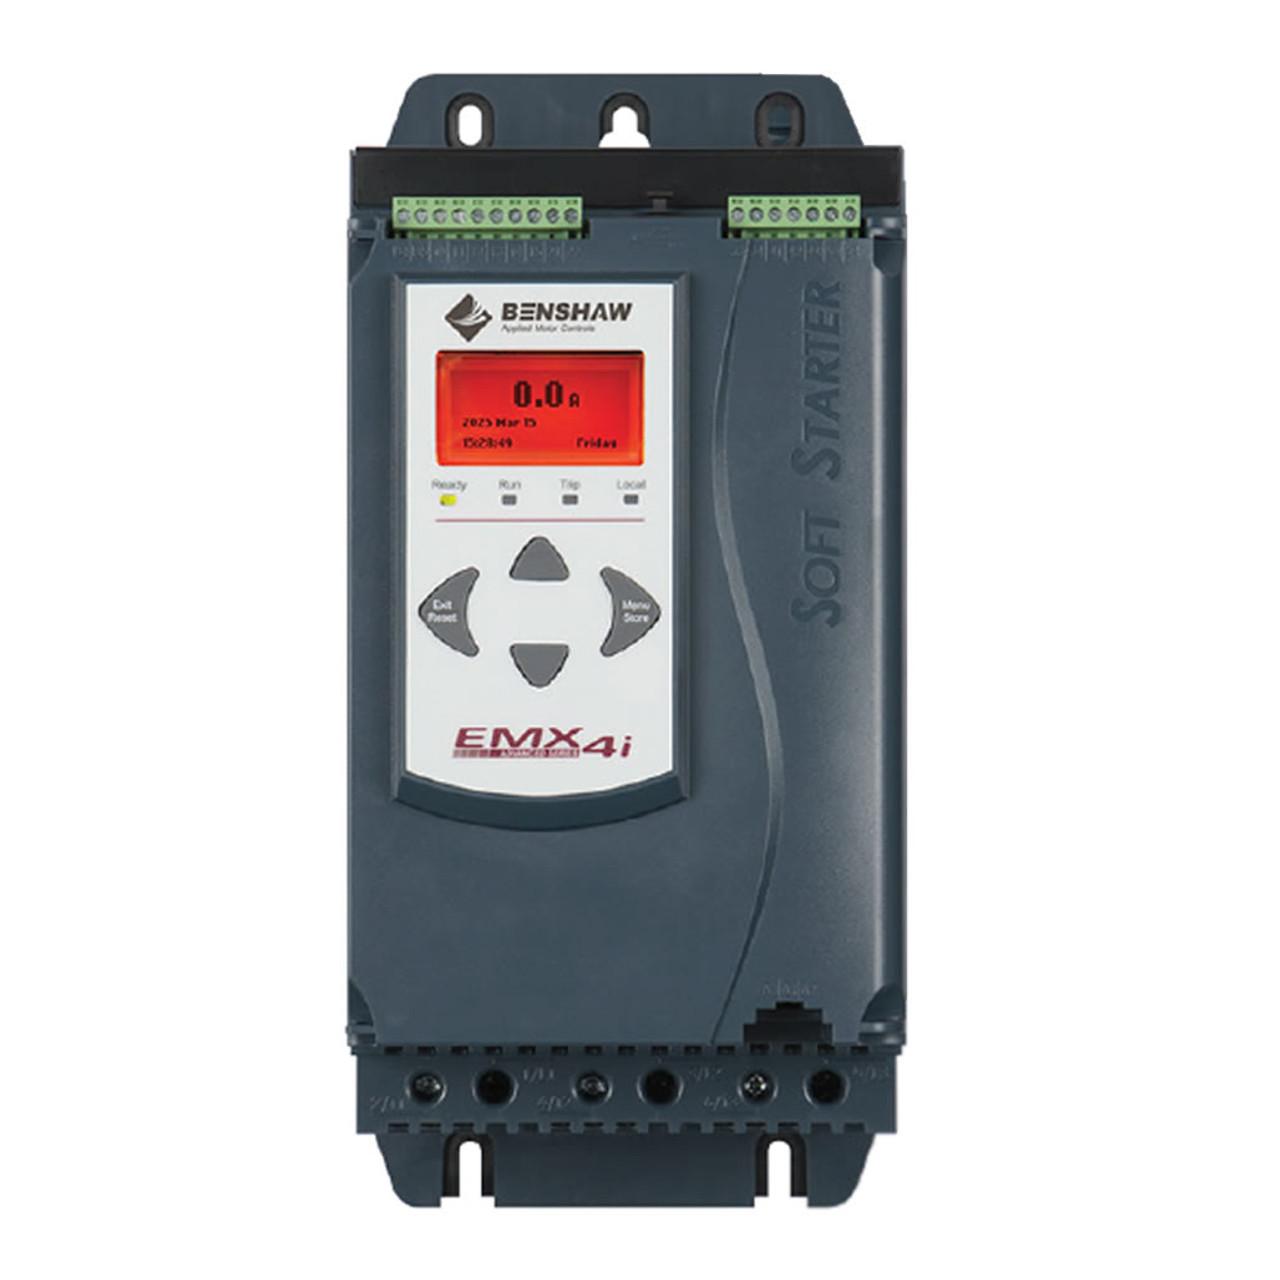 Benshaw EMX4i-0042B-V5-C1-H soft starter